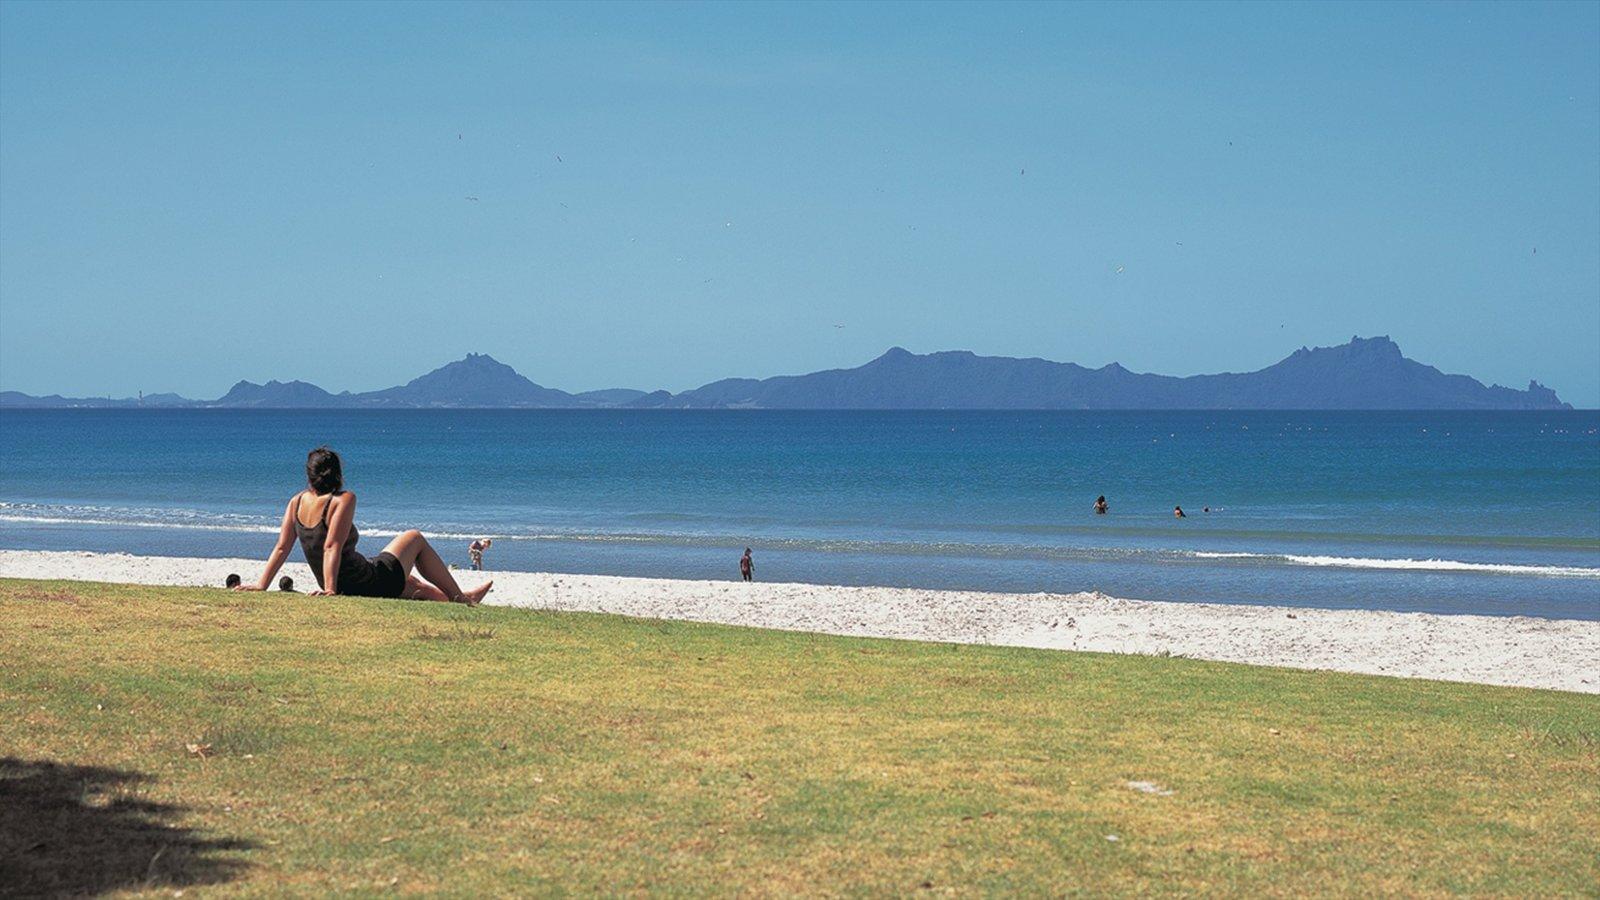 Whangarei mostrando vistas generales de la costa, natación y una playa de arena